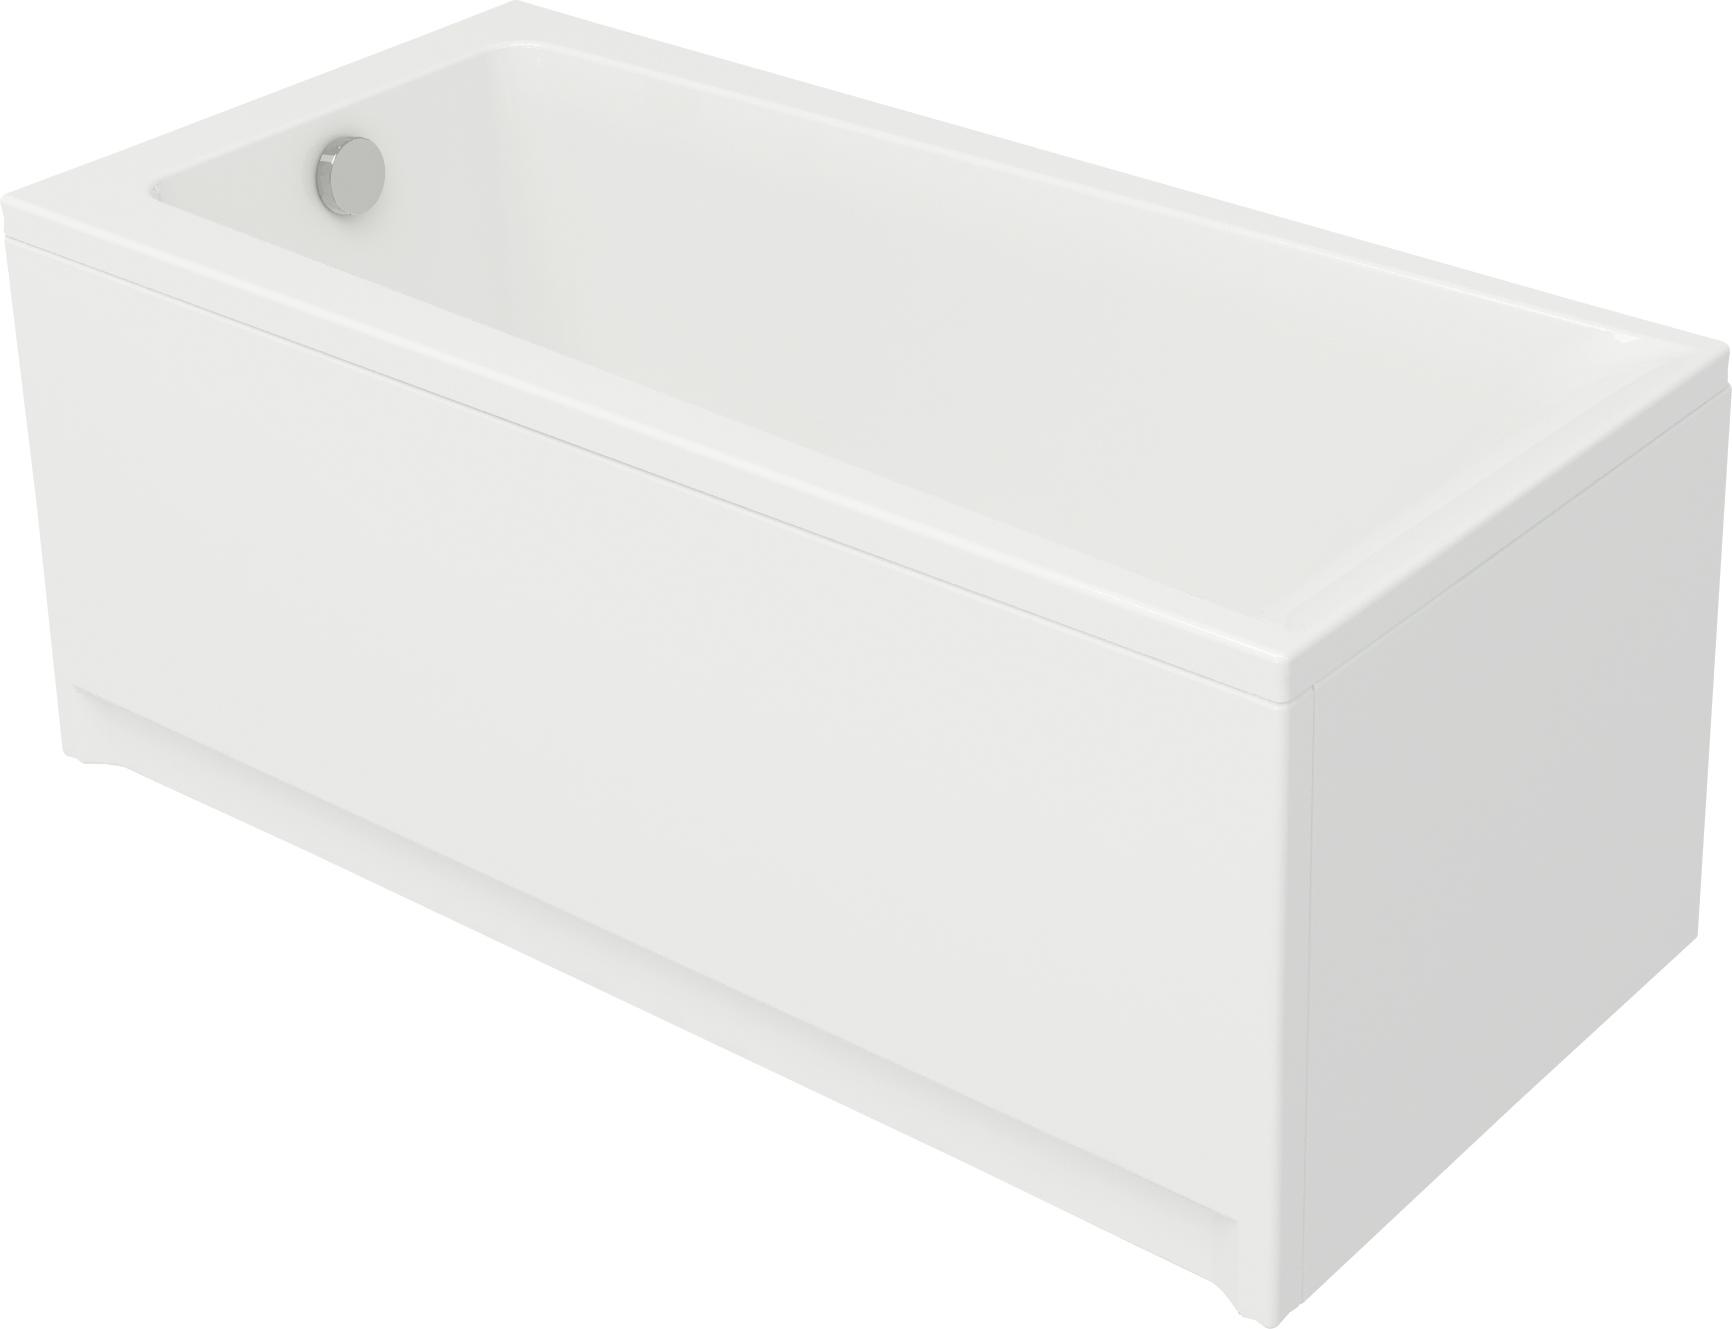 Акриловая ванна LORENA 150